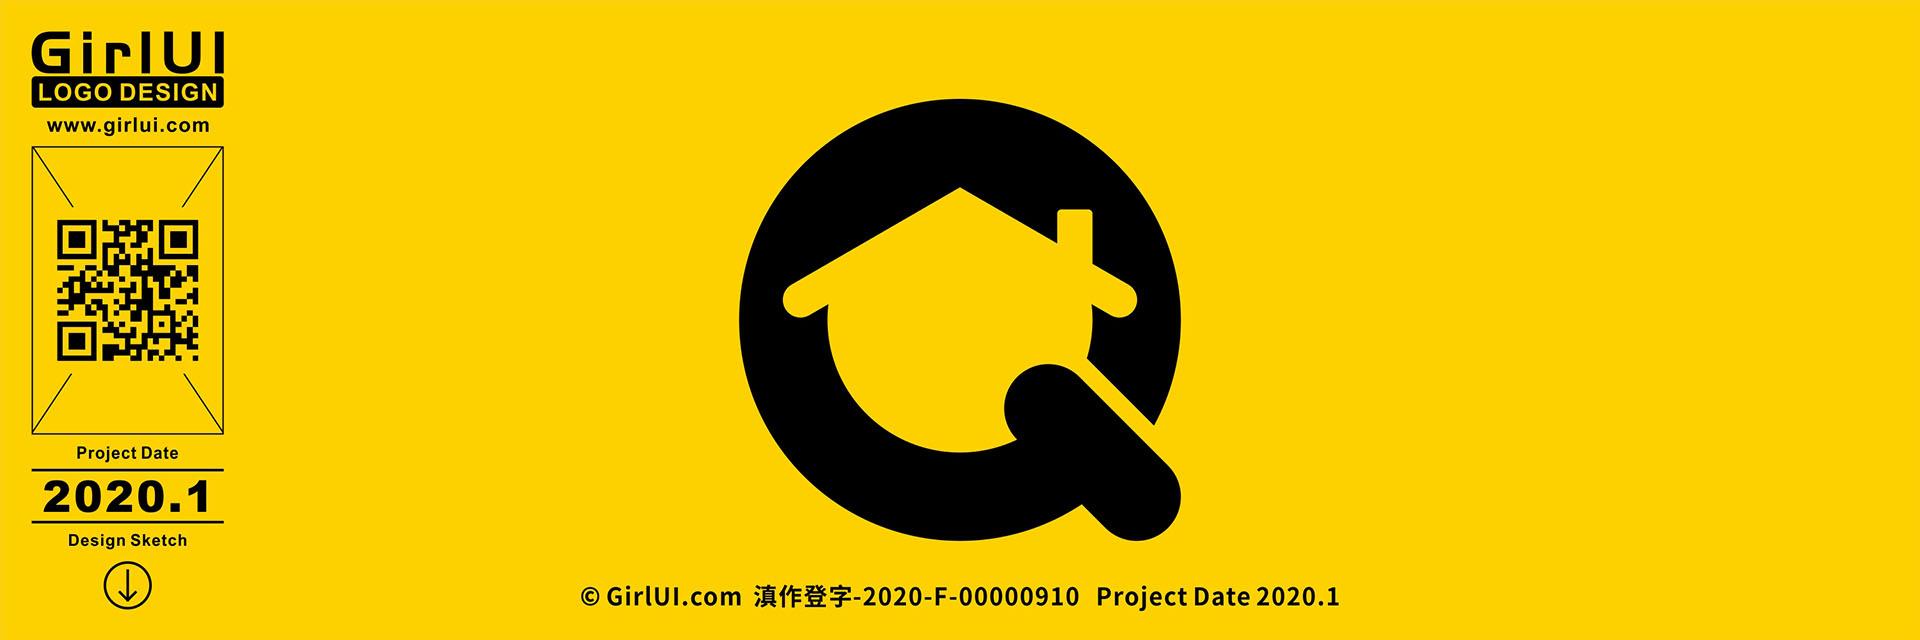 多子多福多温暖——千禧地产 QXDC.cn